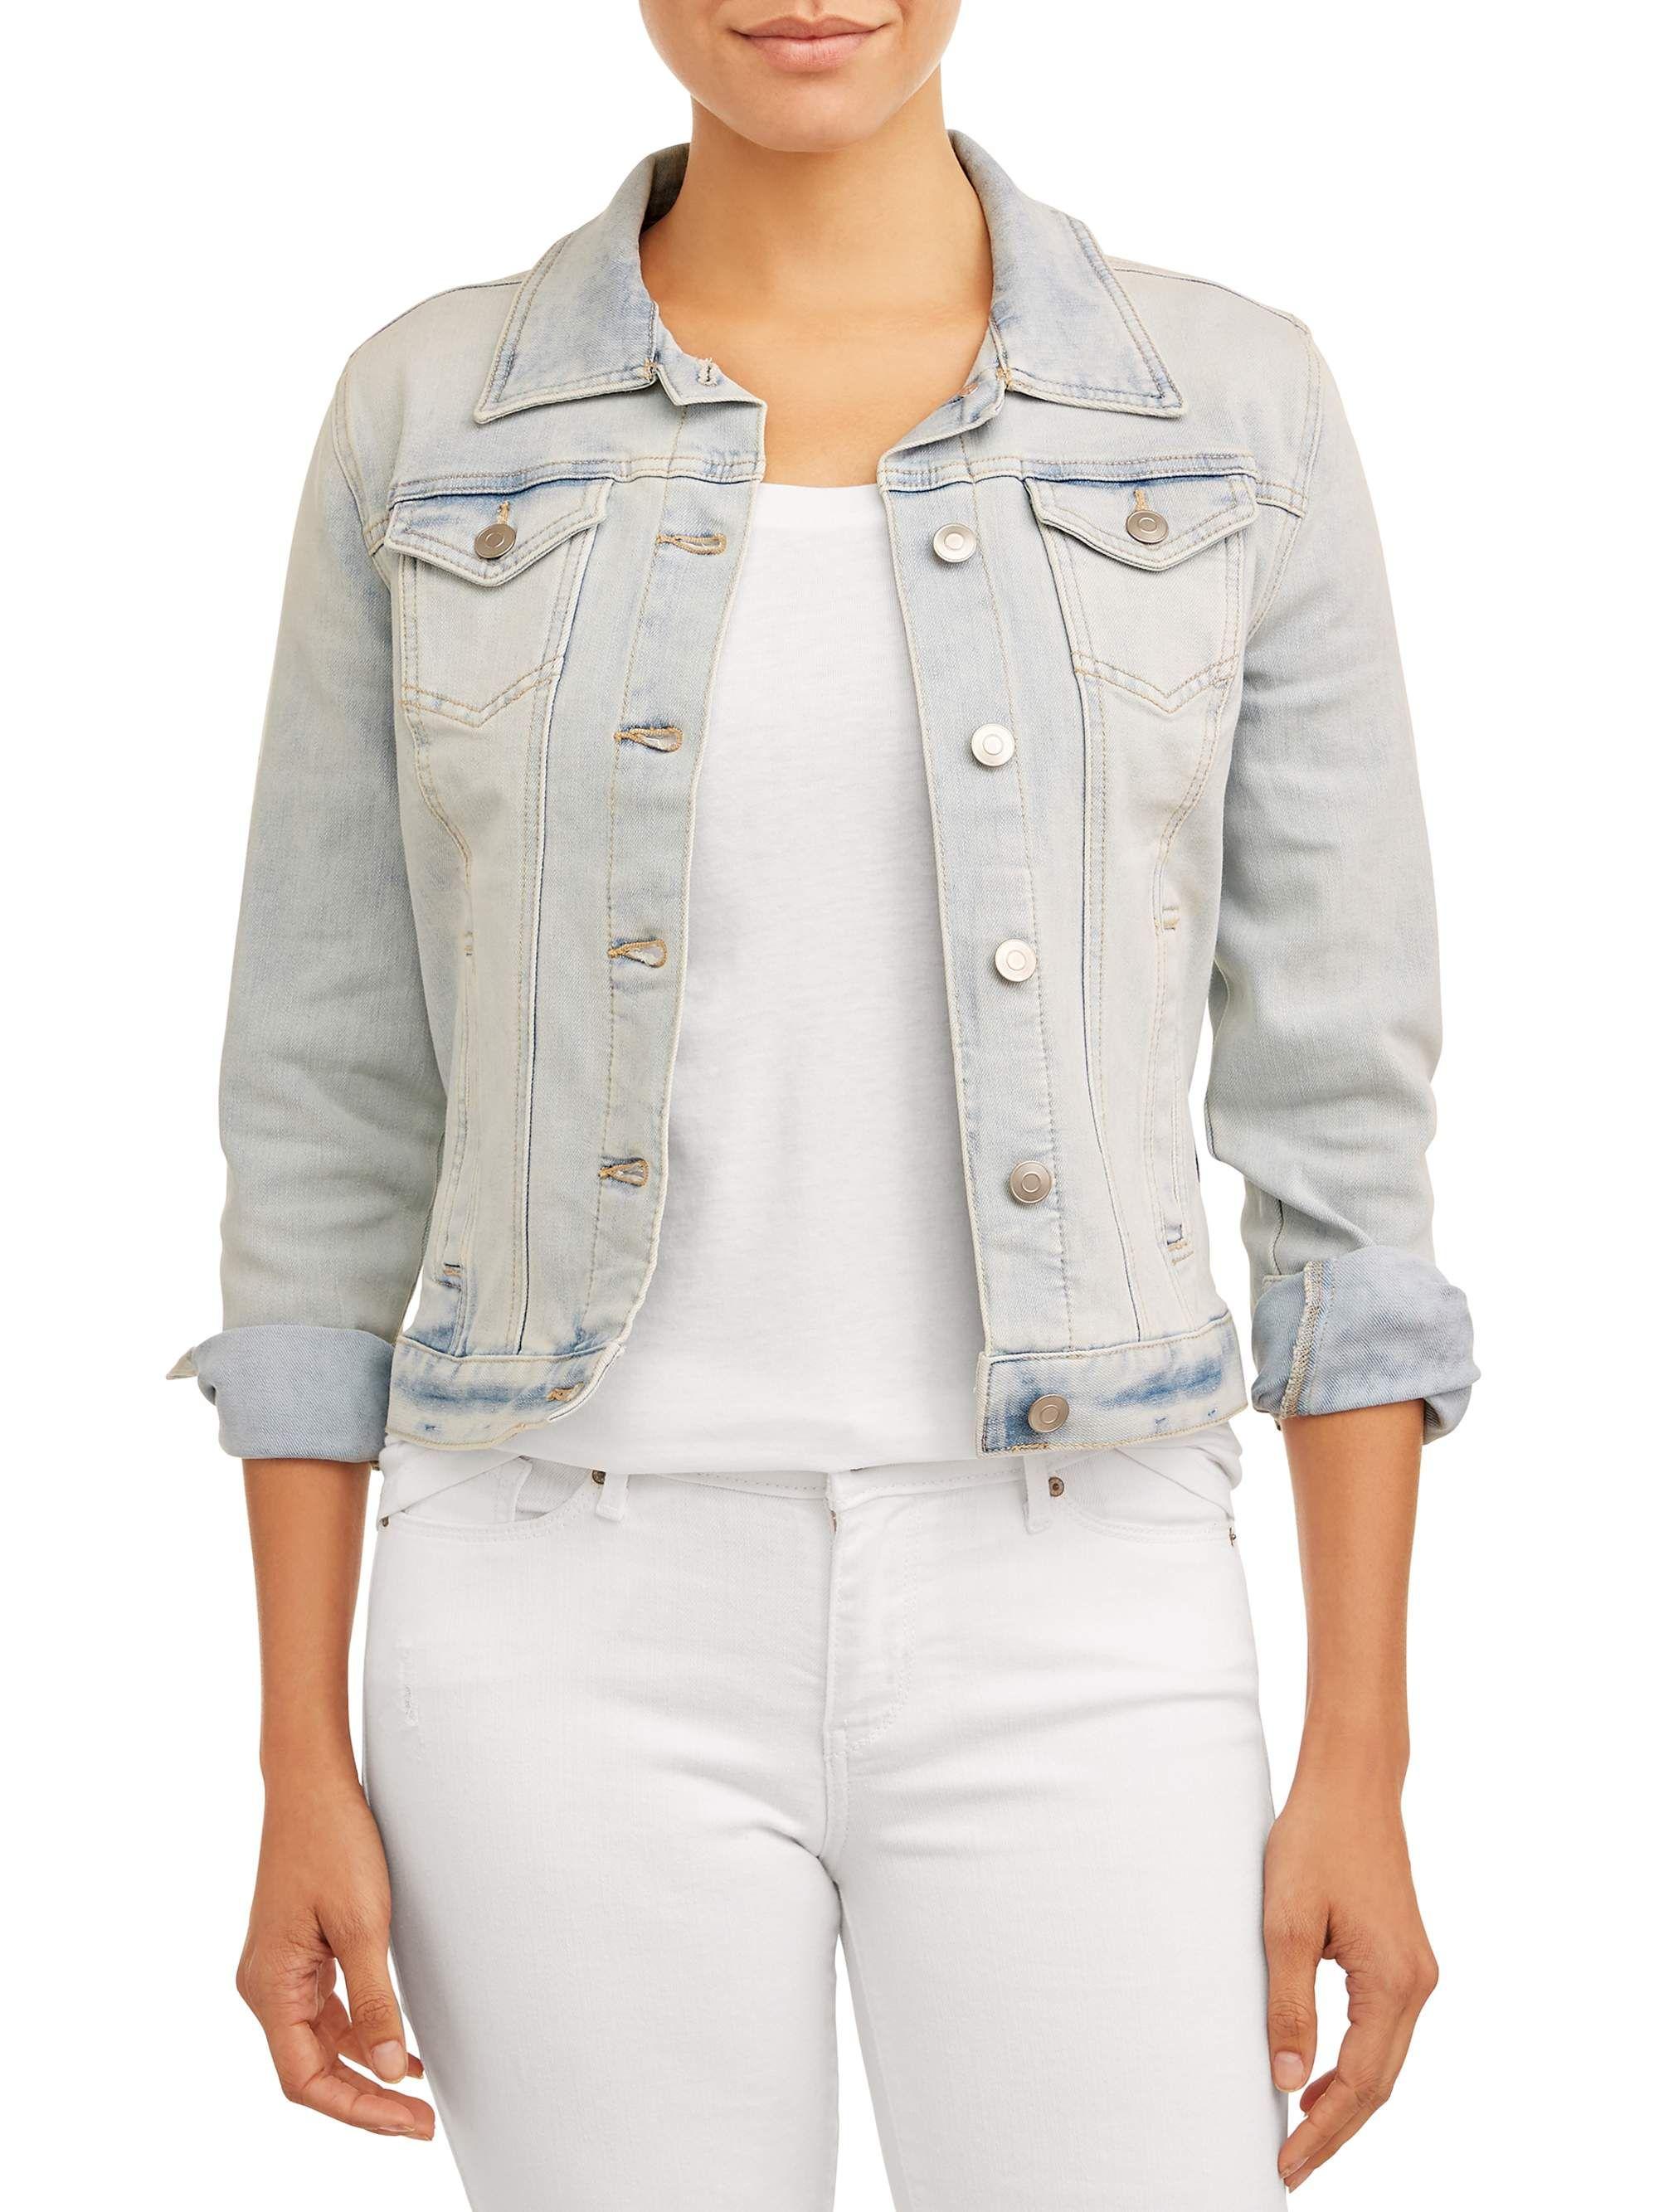 Women/'s Ladies Denim Oversize Jeans Short Jackets Slim Fit Coats Plus SizeTops